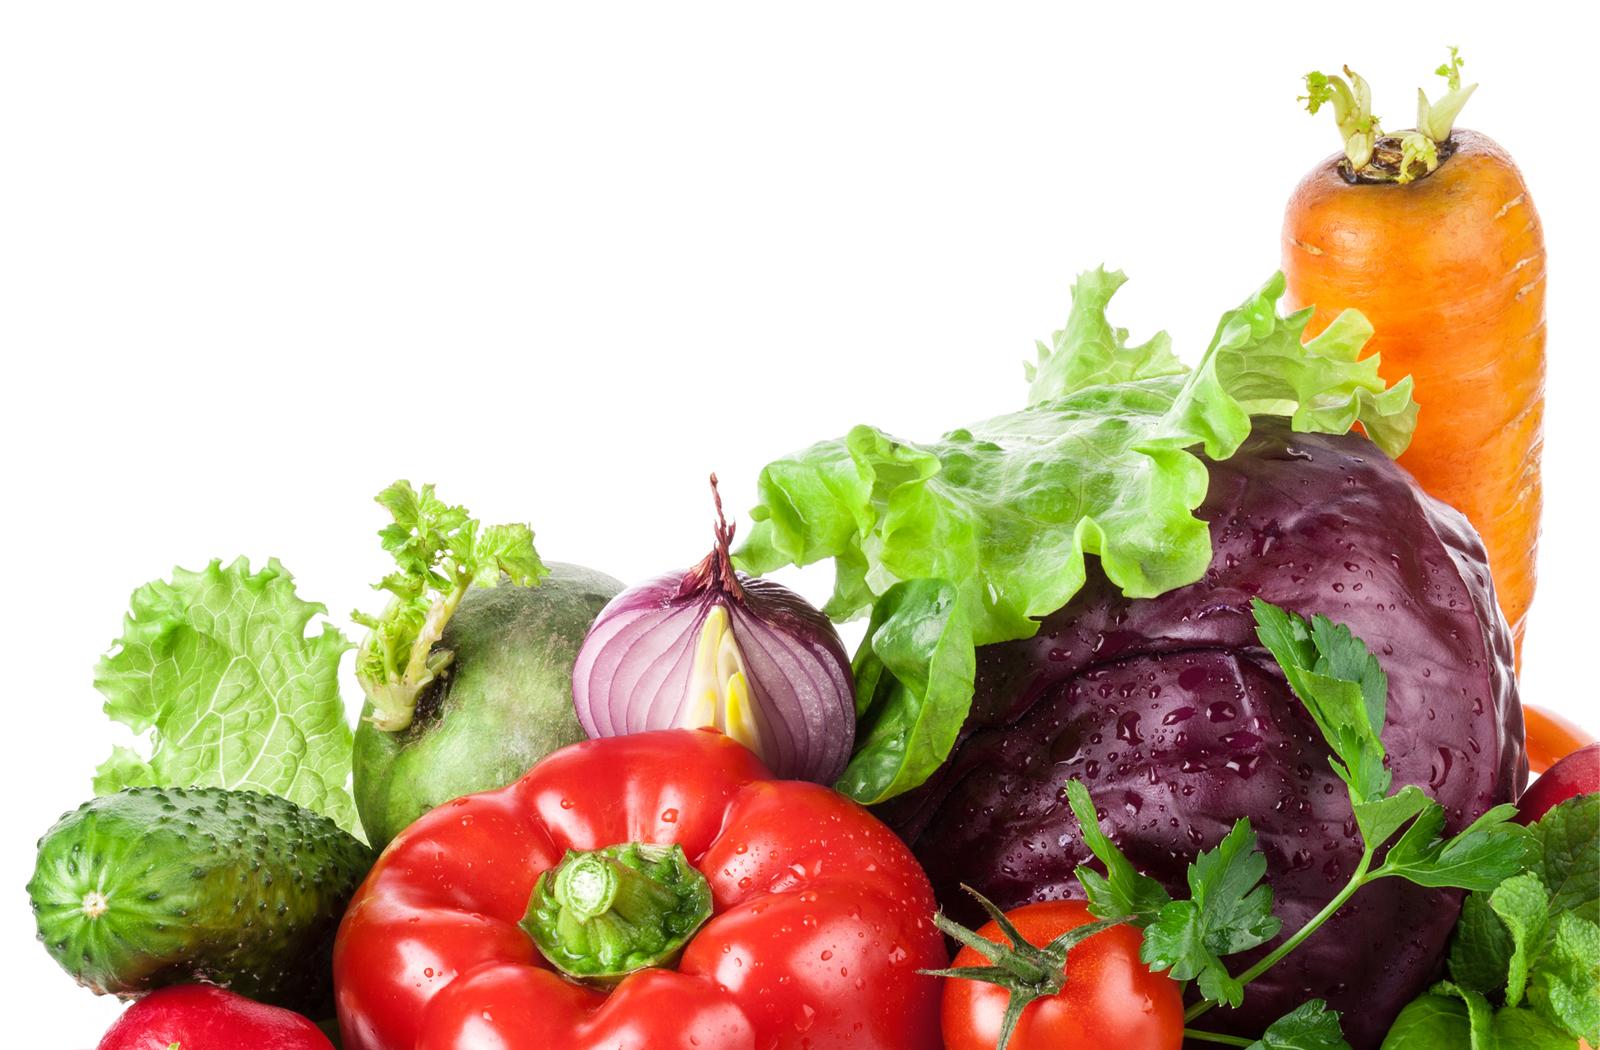 karel van der vorm - groenten